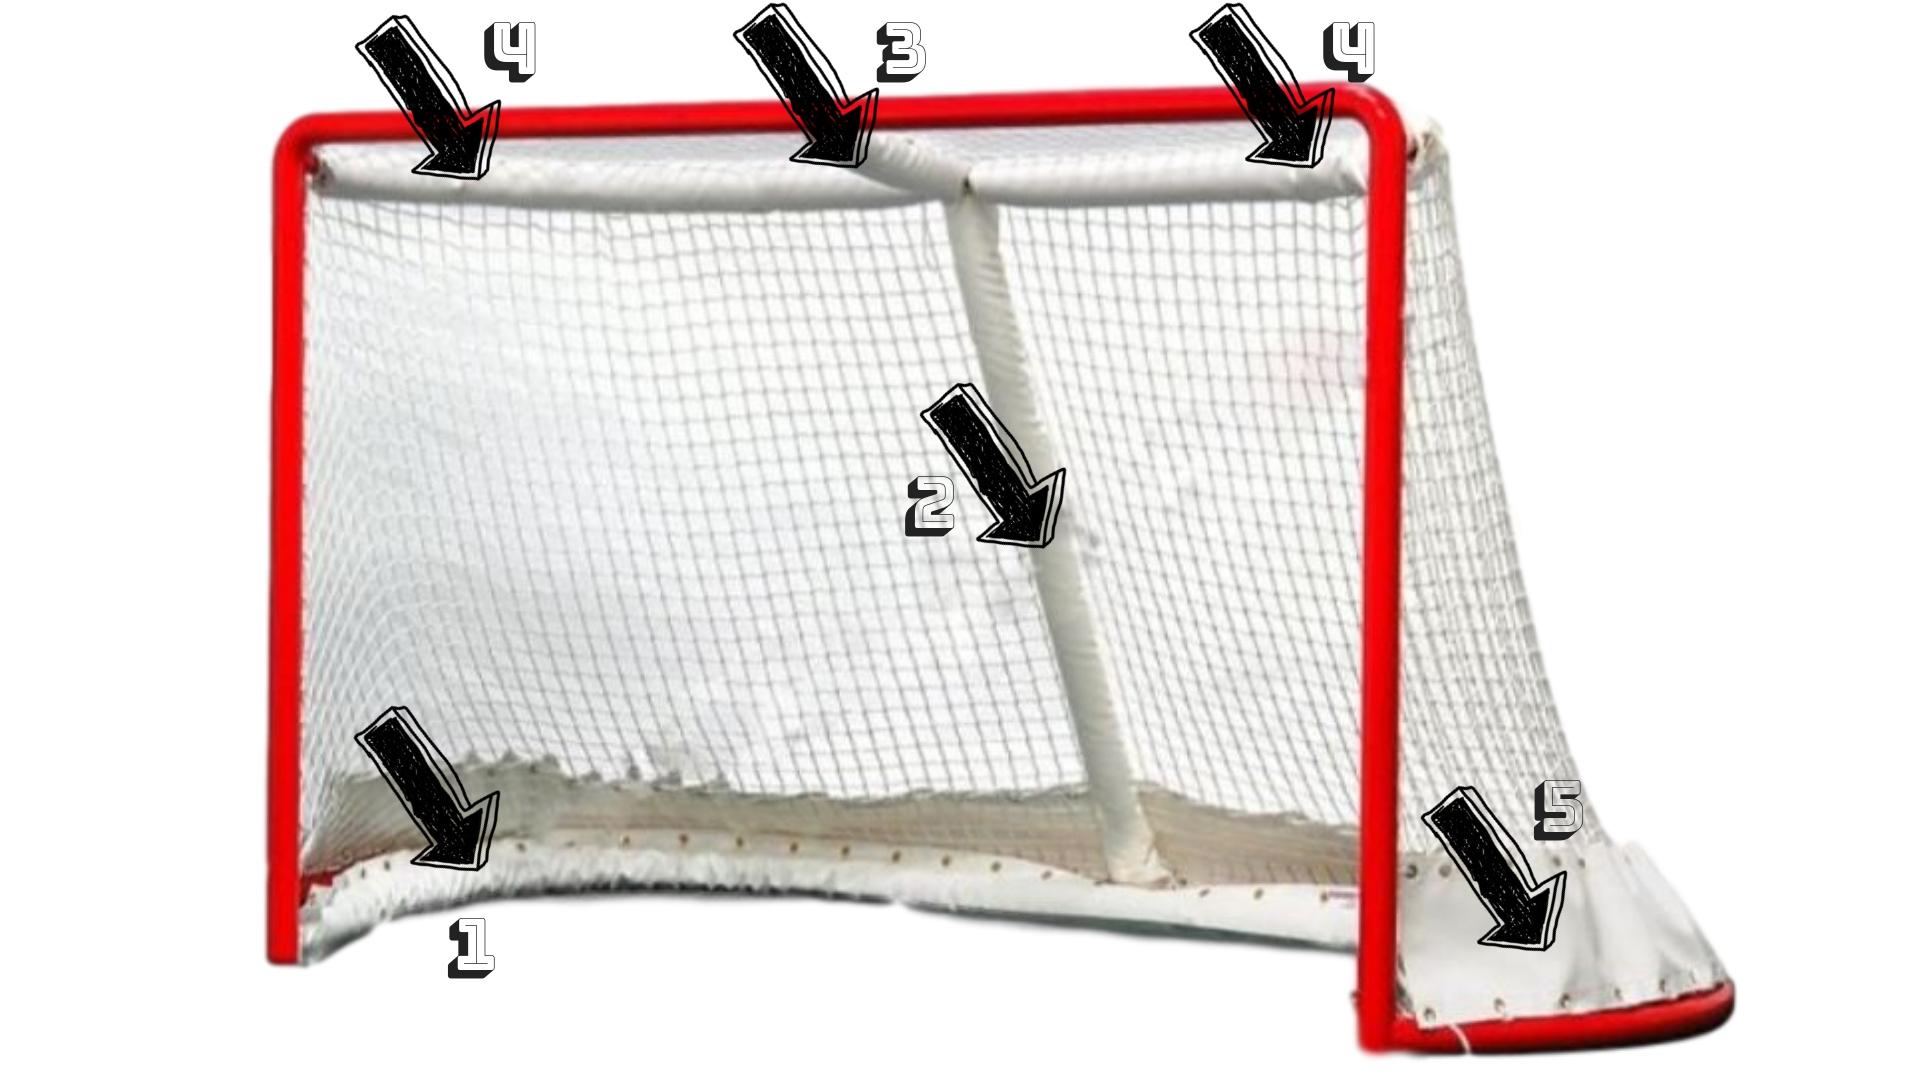 Extraligová hokejová brána (1,83x1,22m) s príslušenstvom